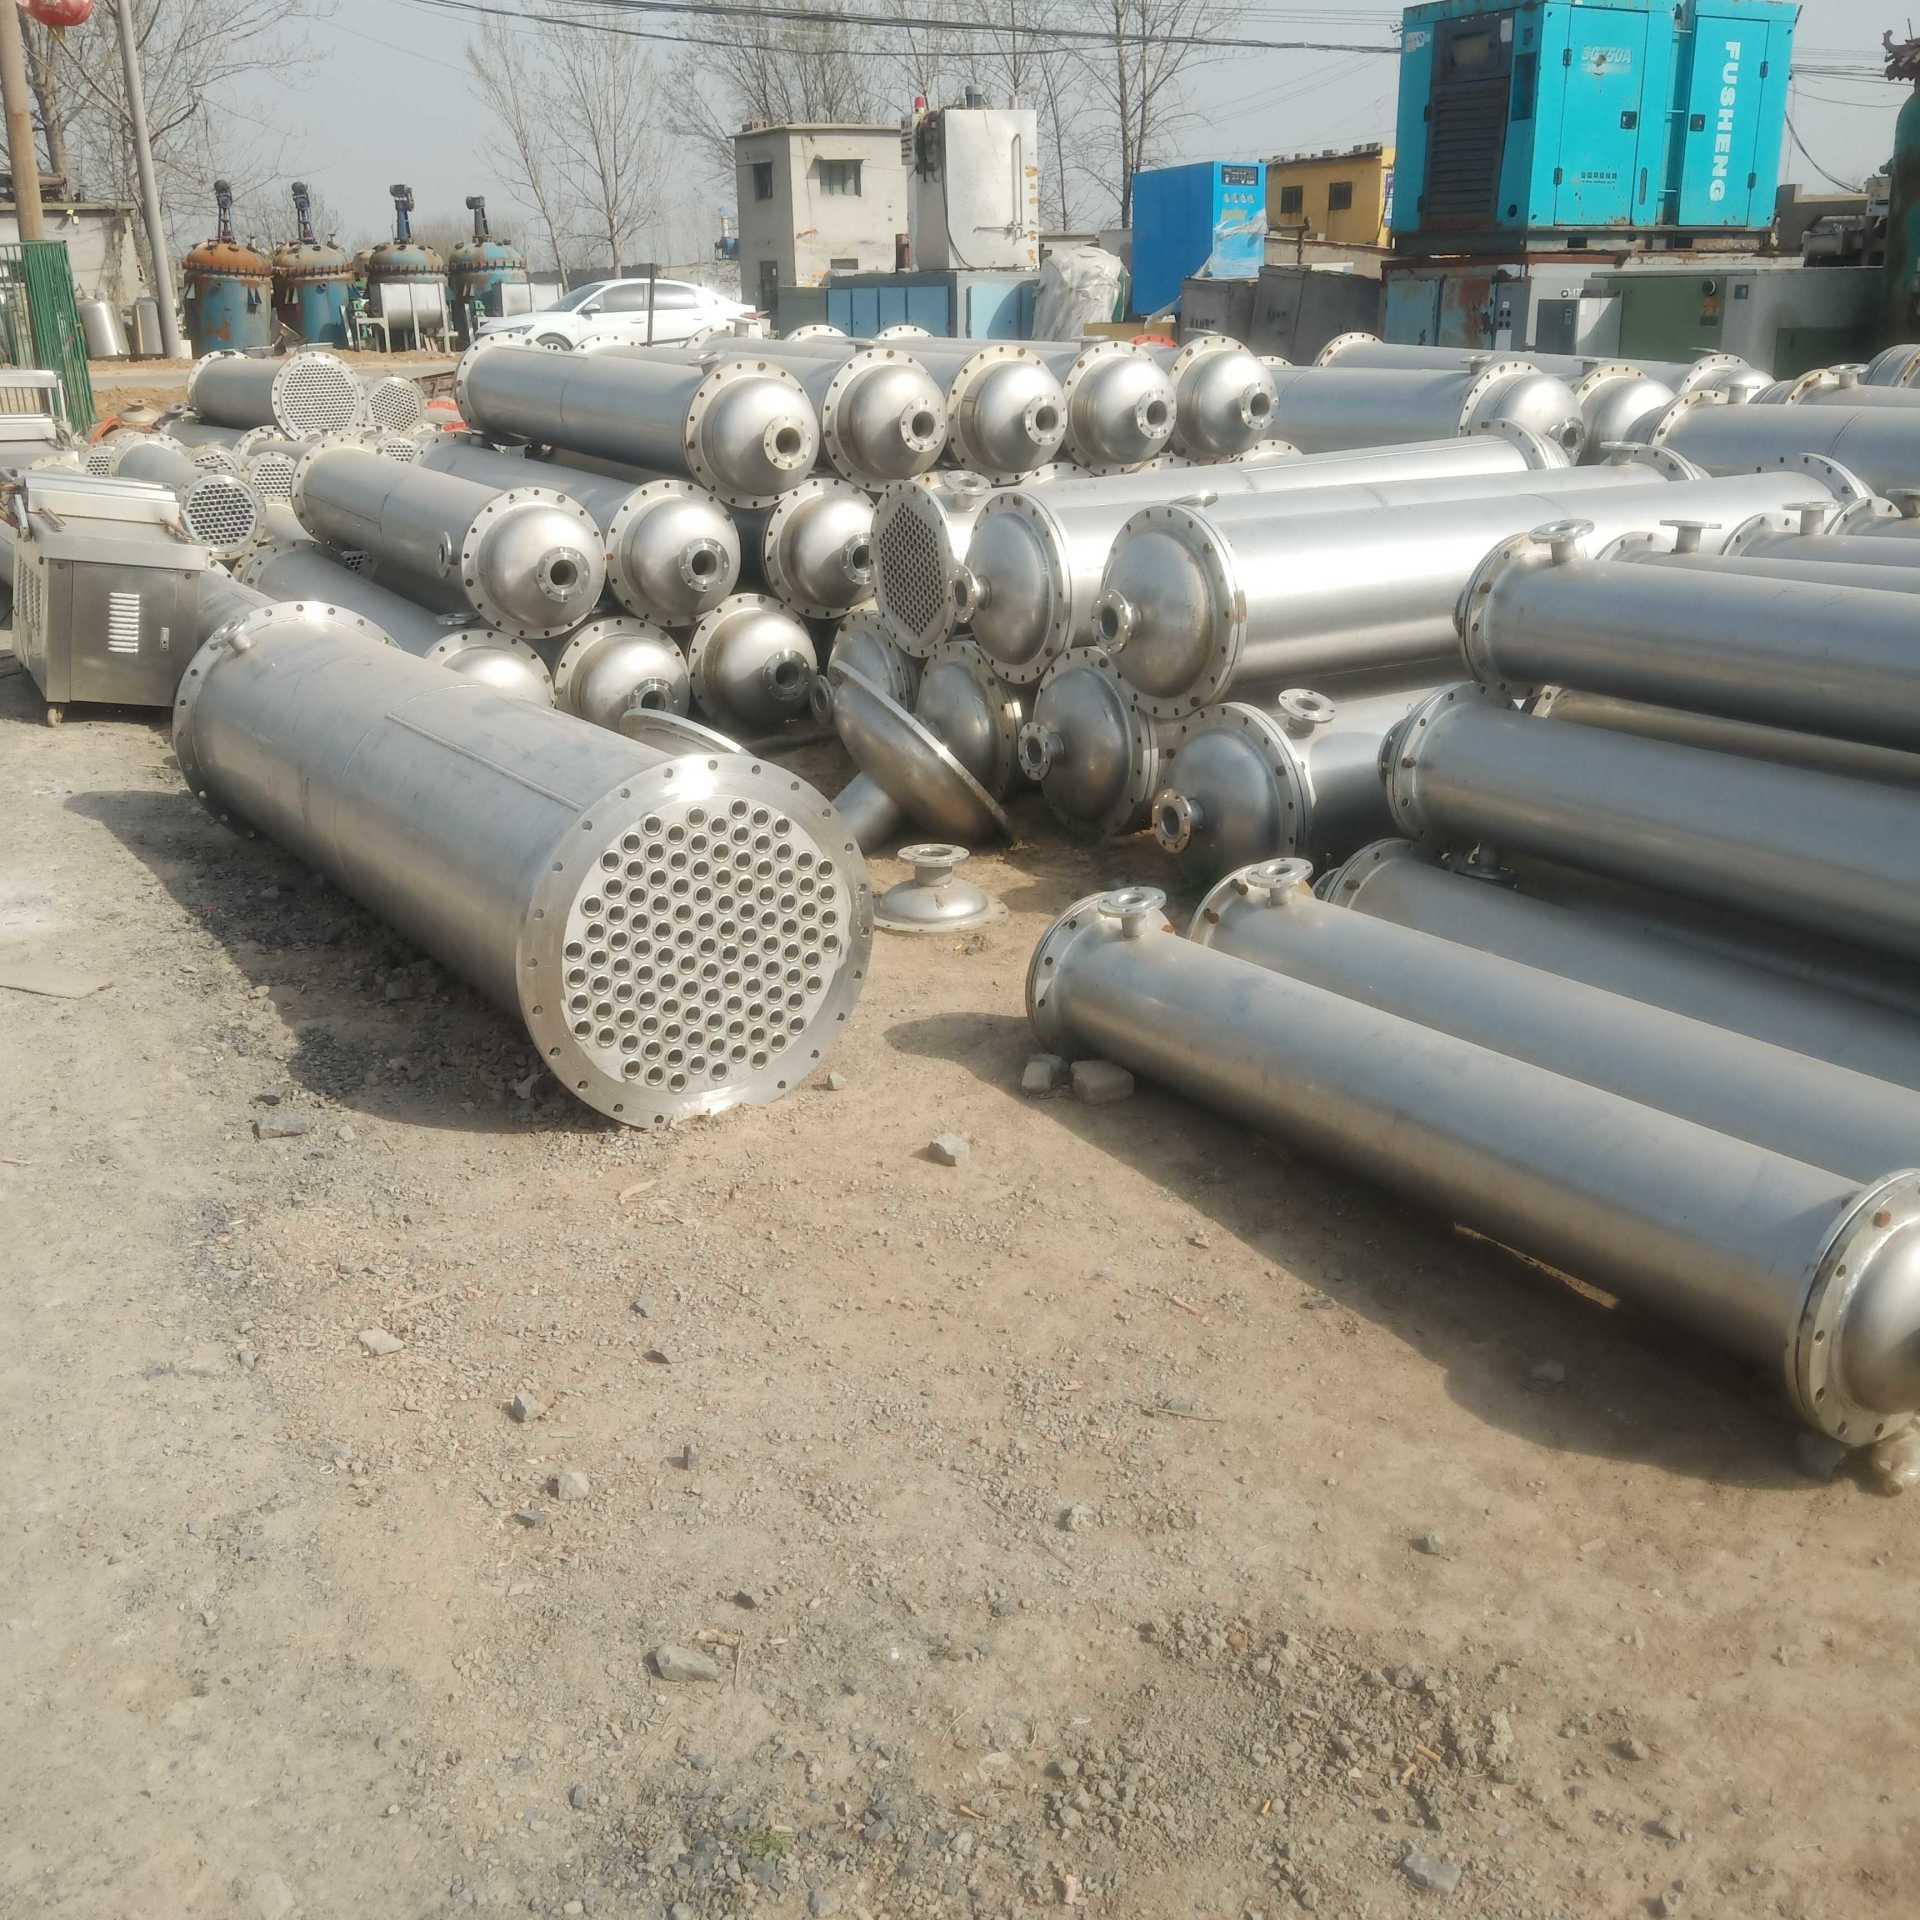 冷凝器 二手不銹鋼冷凝器 梁山玉民設備購銷 常年出售